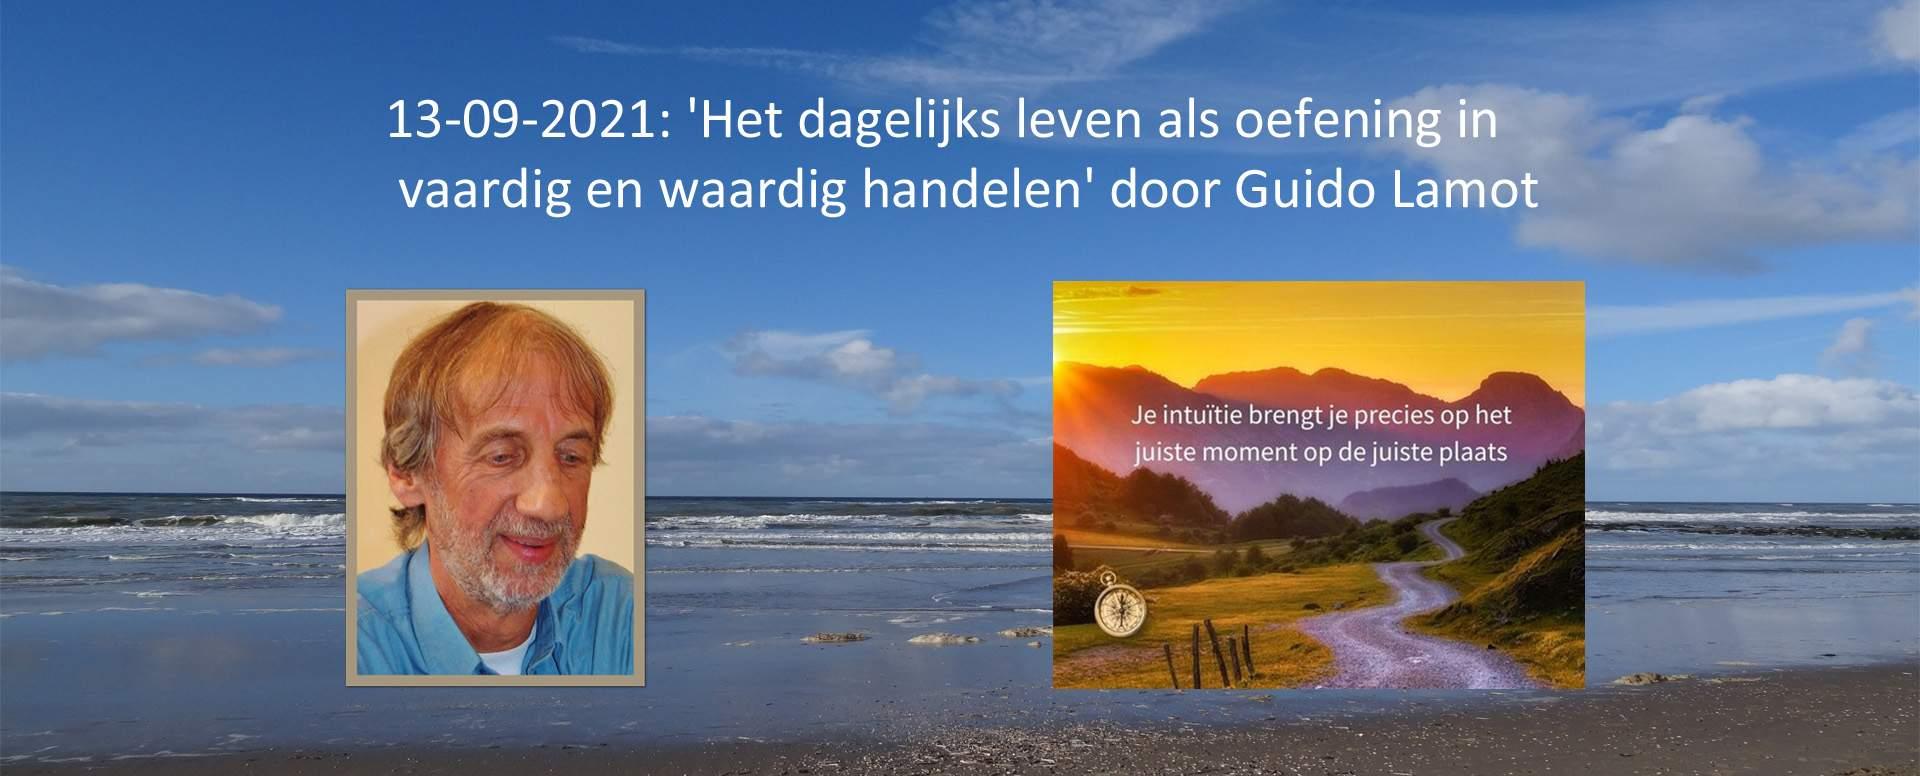 leizng Loge Den Haag van de TVN